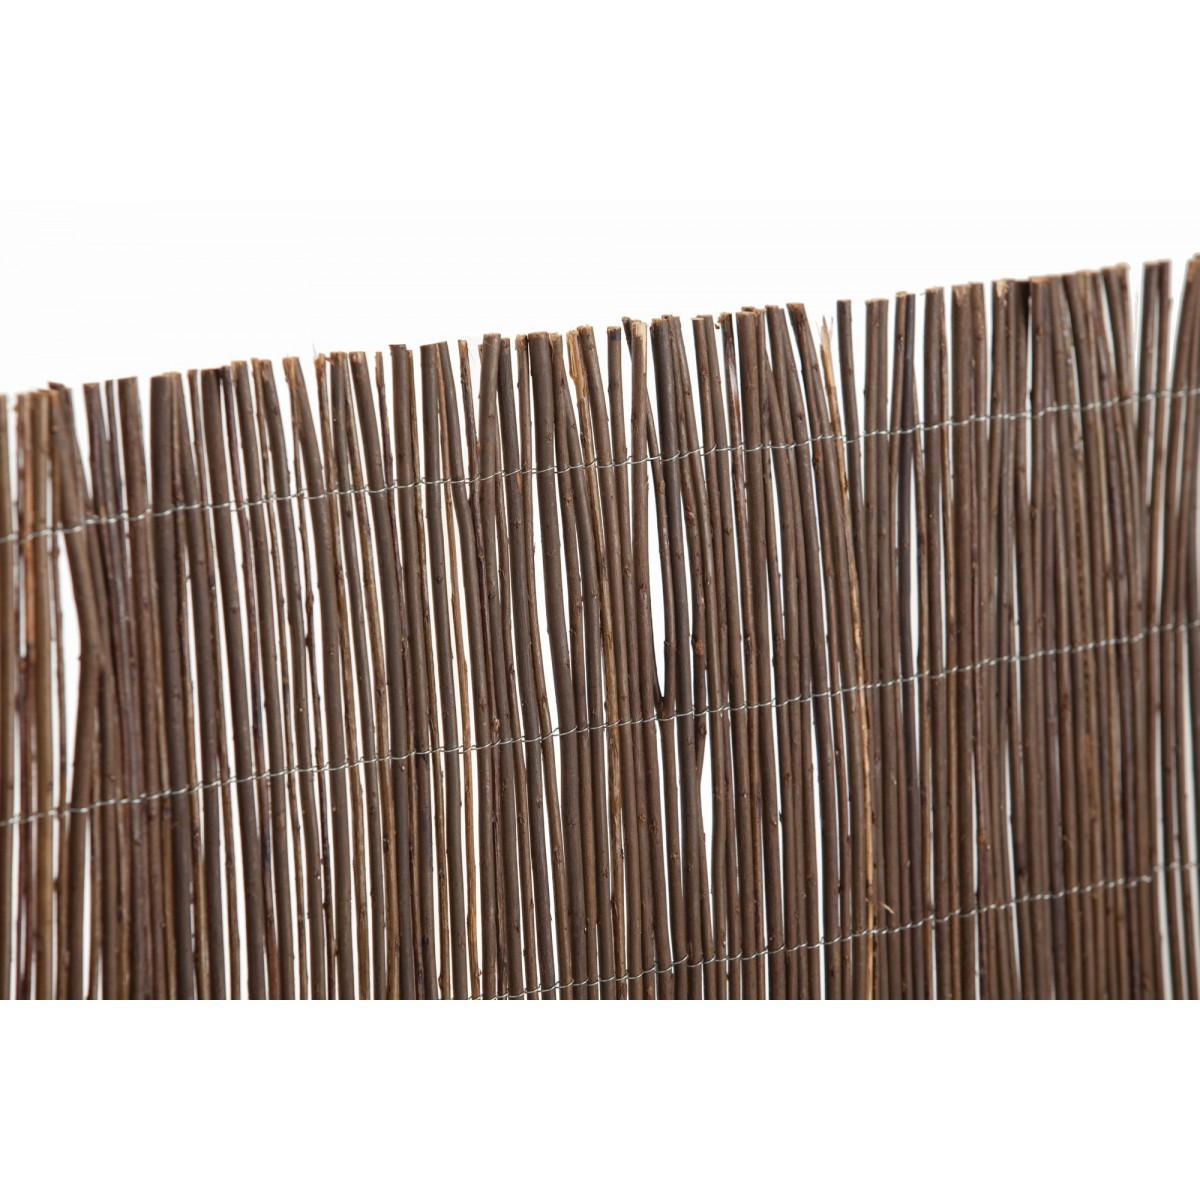 Canisse naturelle en osier Catral - Longueur 3 m - Hauteur 1,5 m